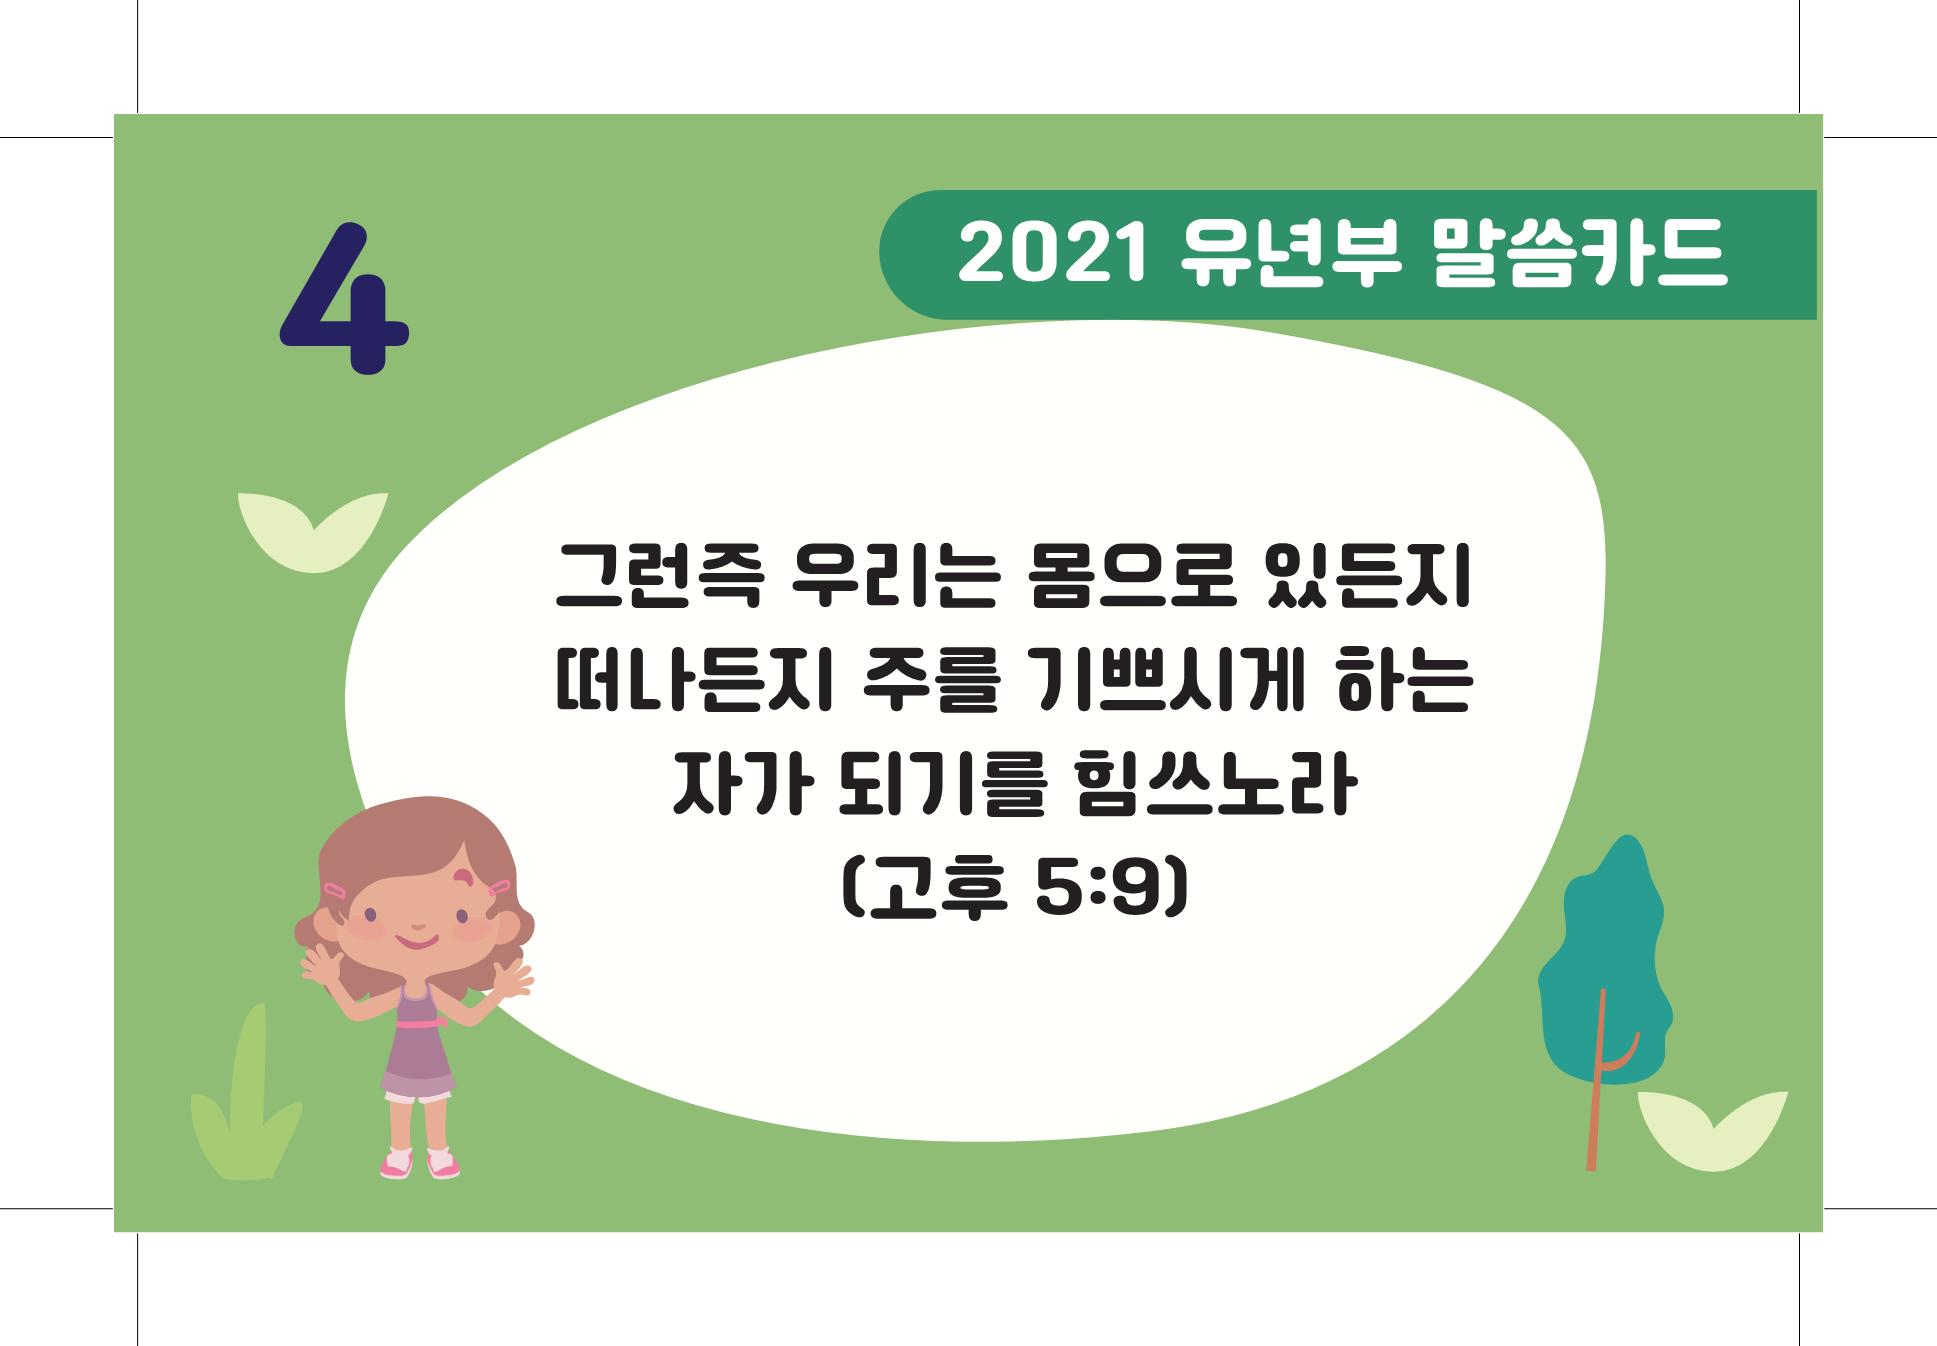 2021_교회학교_말씀카드_하반기_유초등부_낱장_4.png